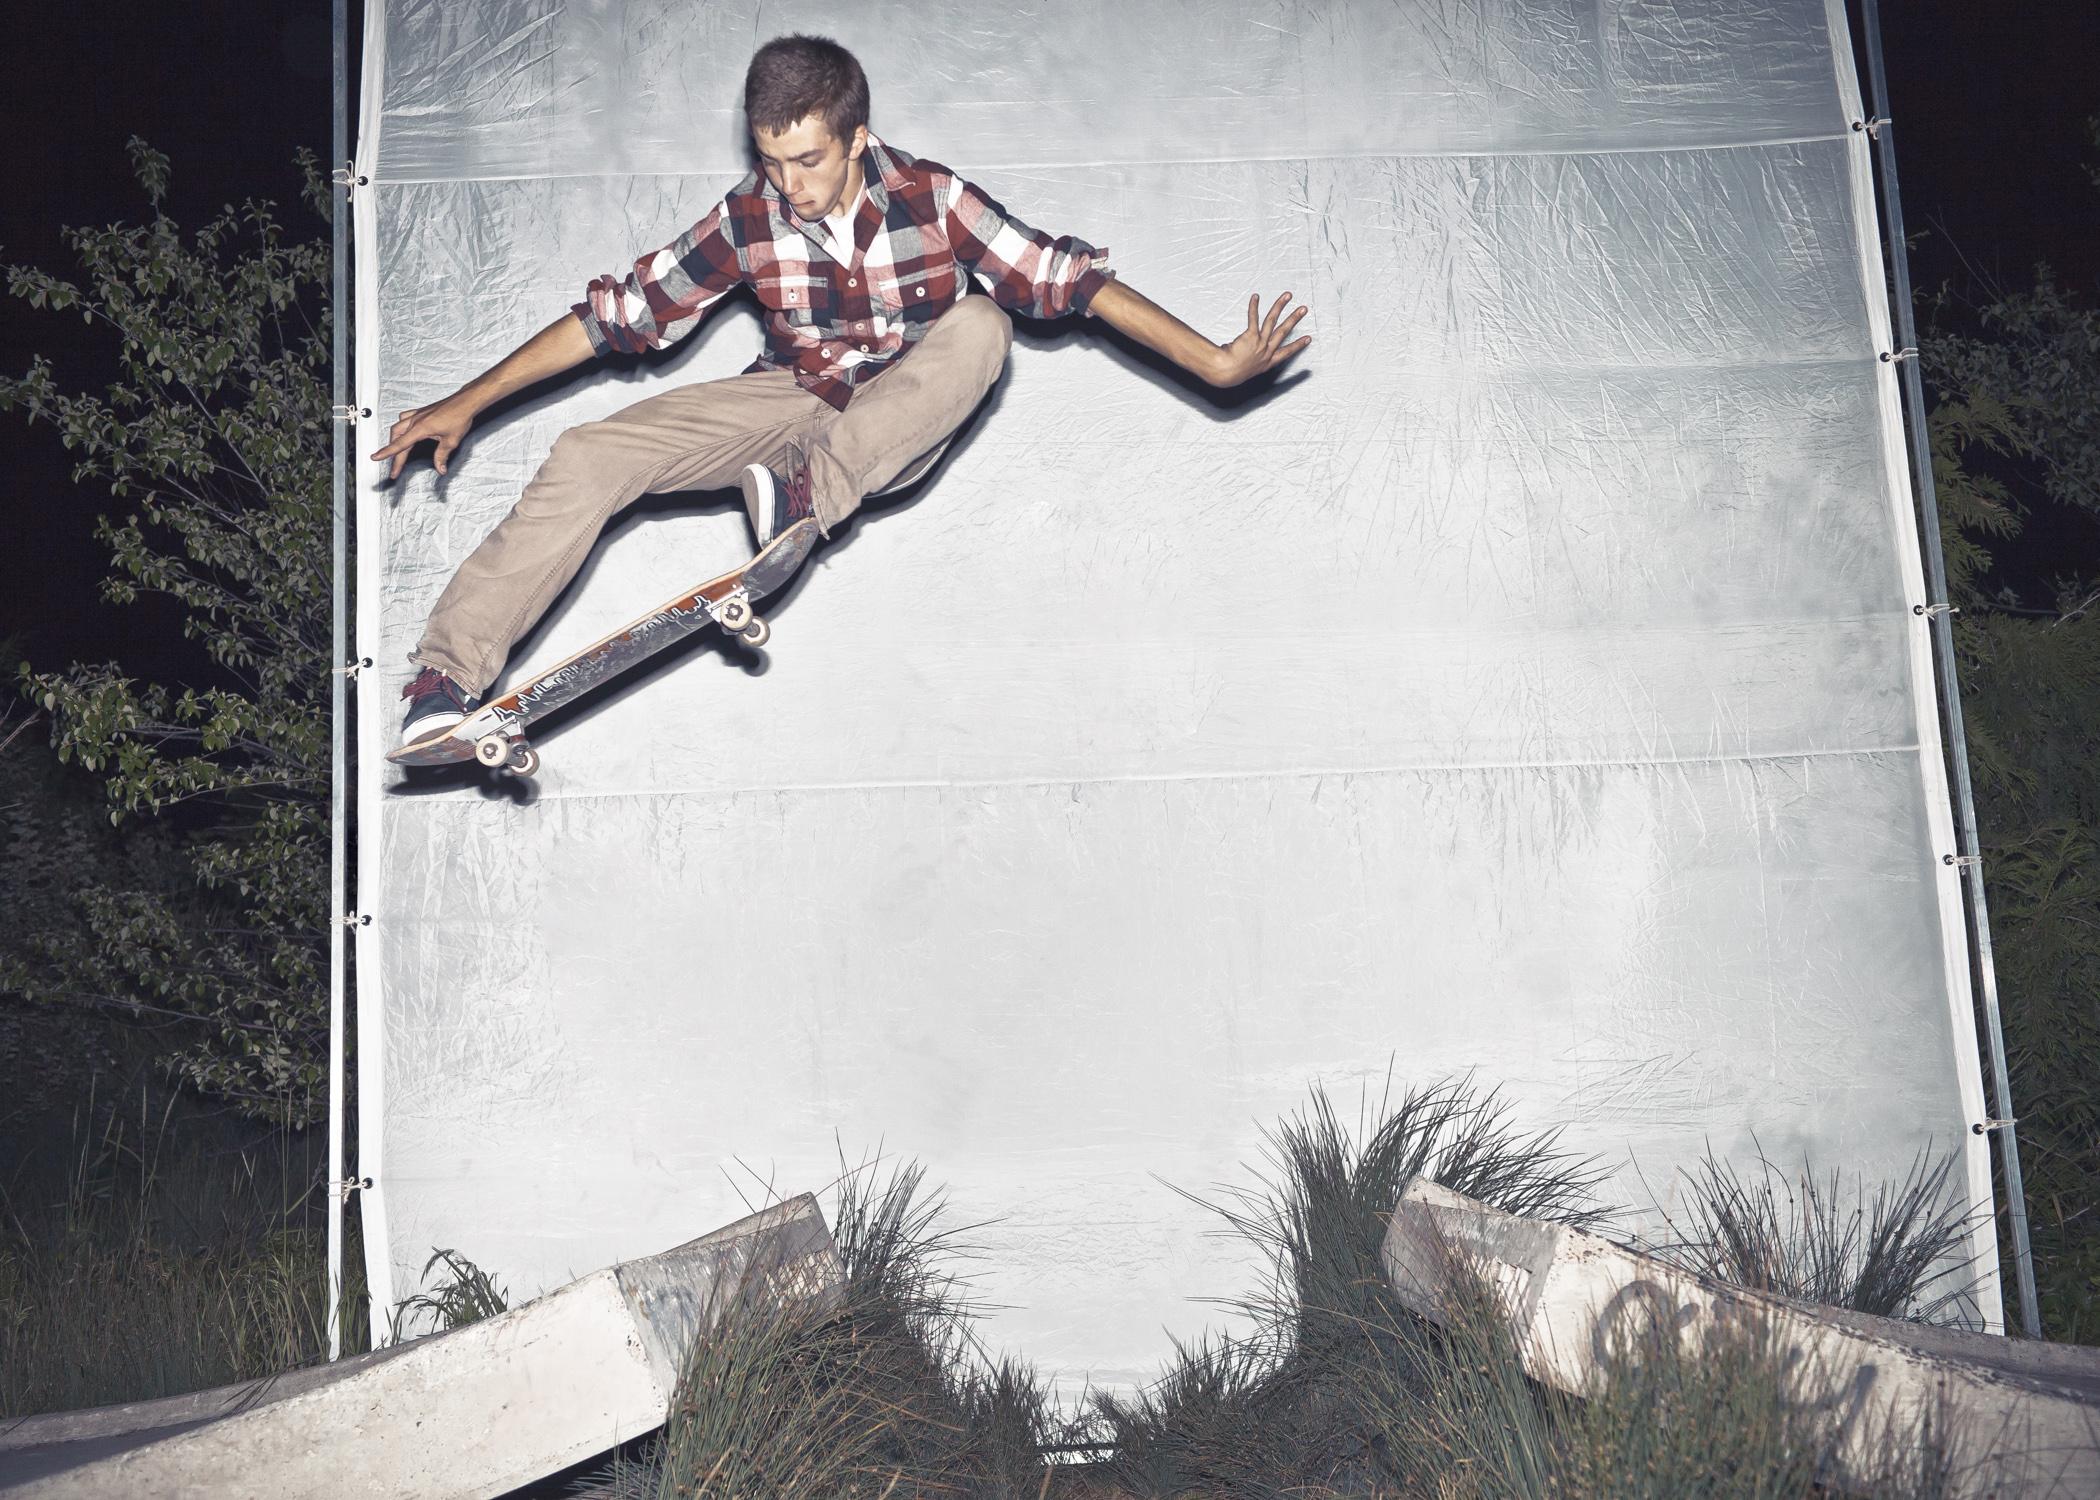 background skate-1.jpg